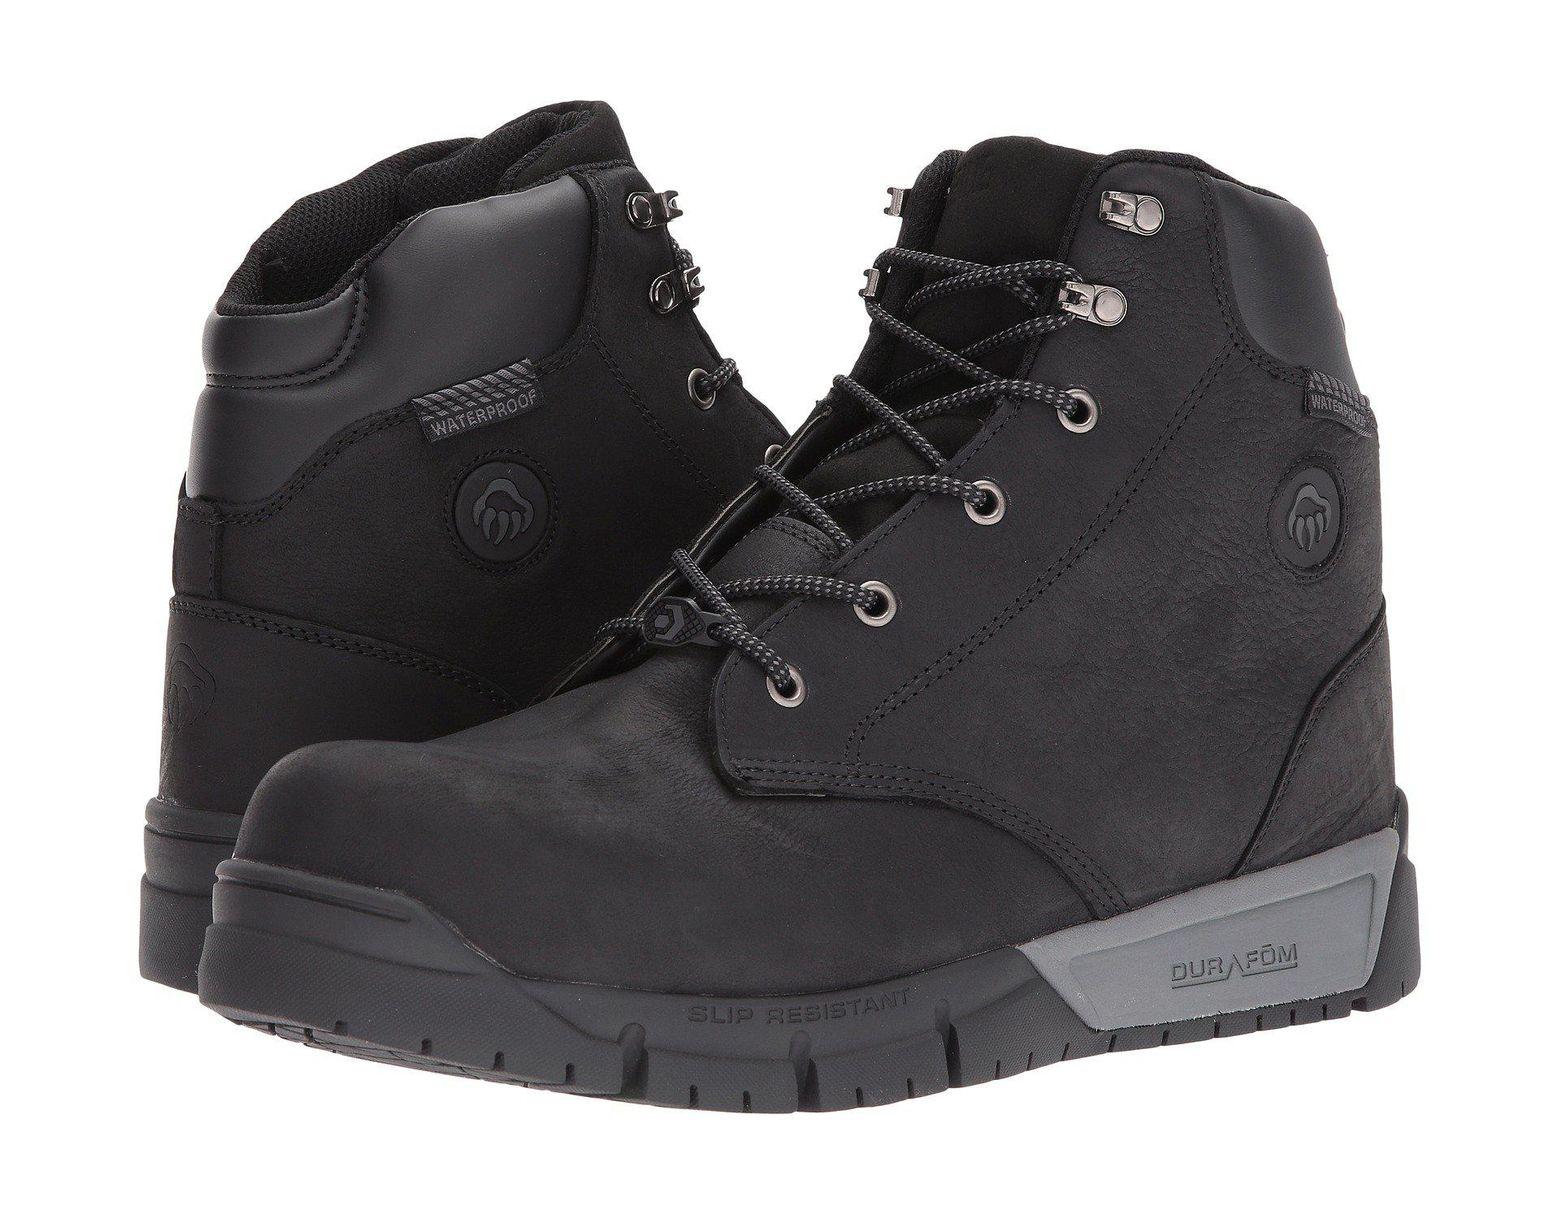 670a390c69a Men's Black Mauler Lx Mid Carbonmax Boot